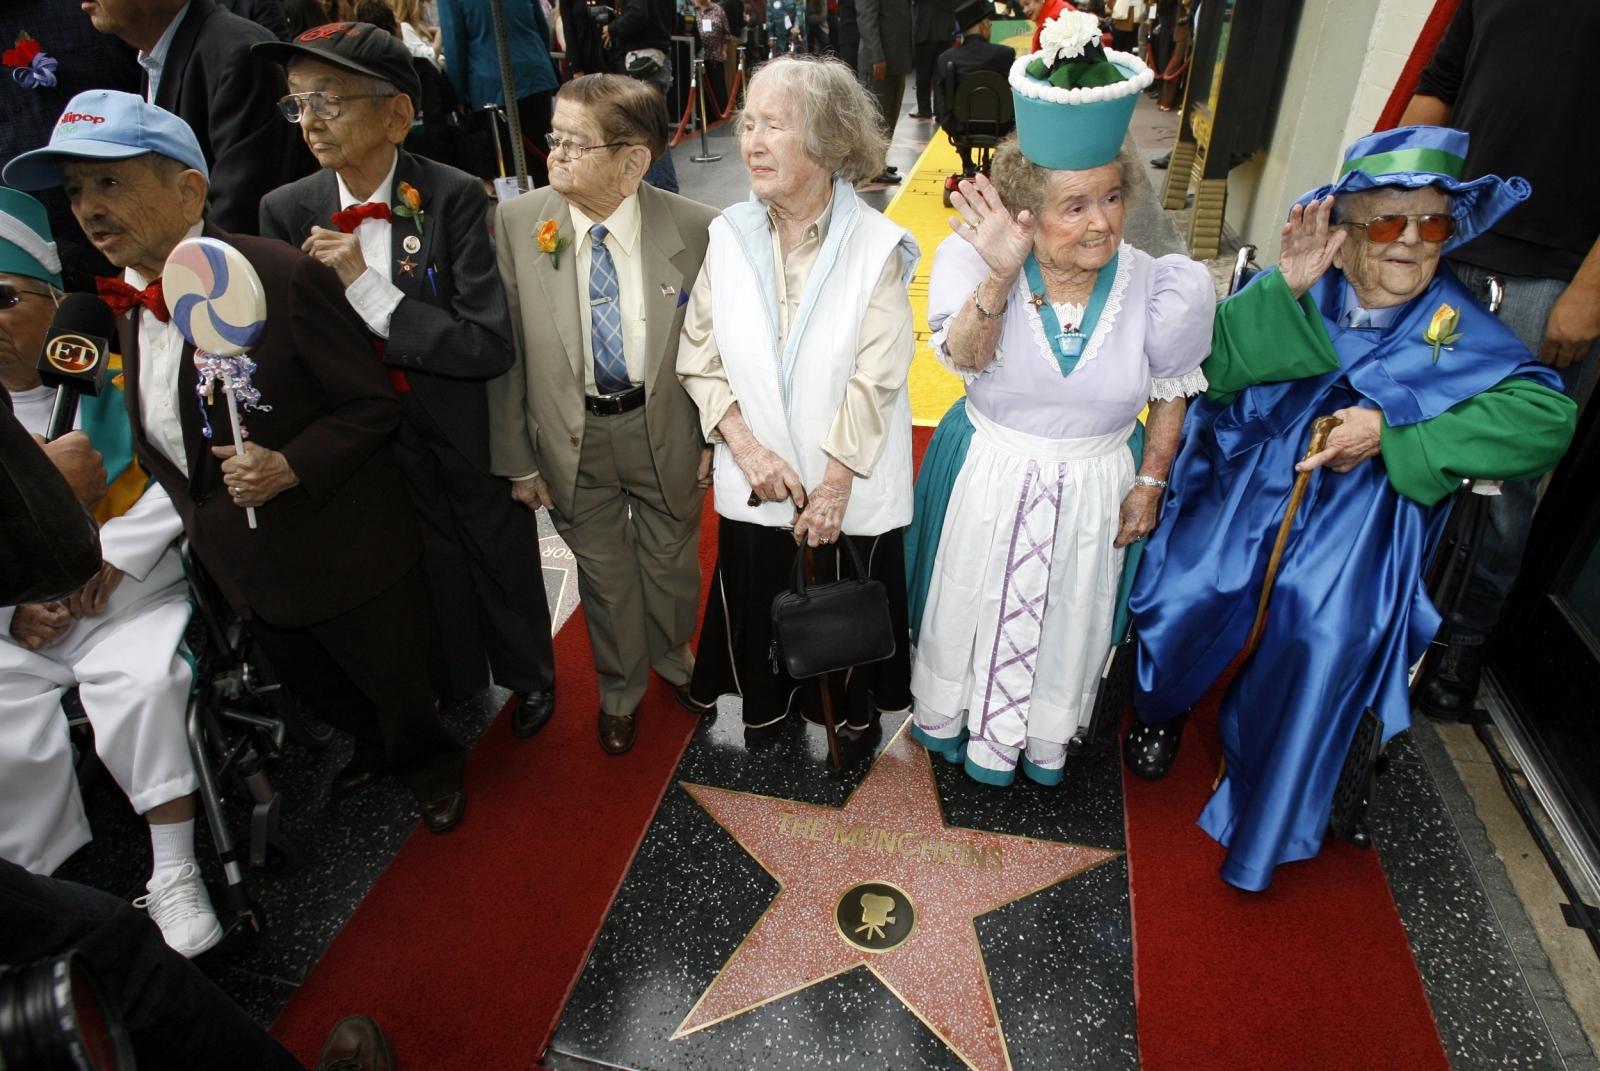 Munchkins Walk of Fame